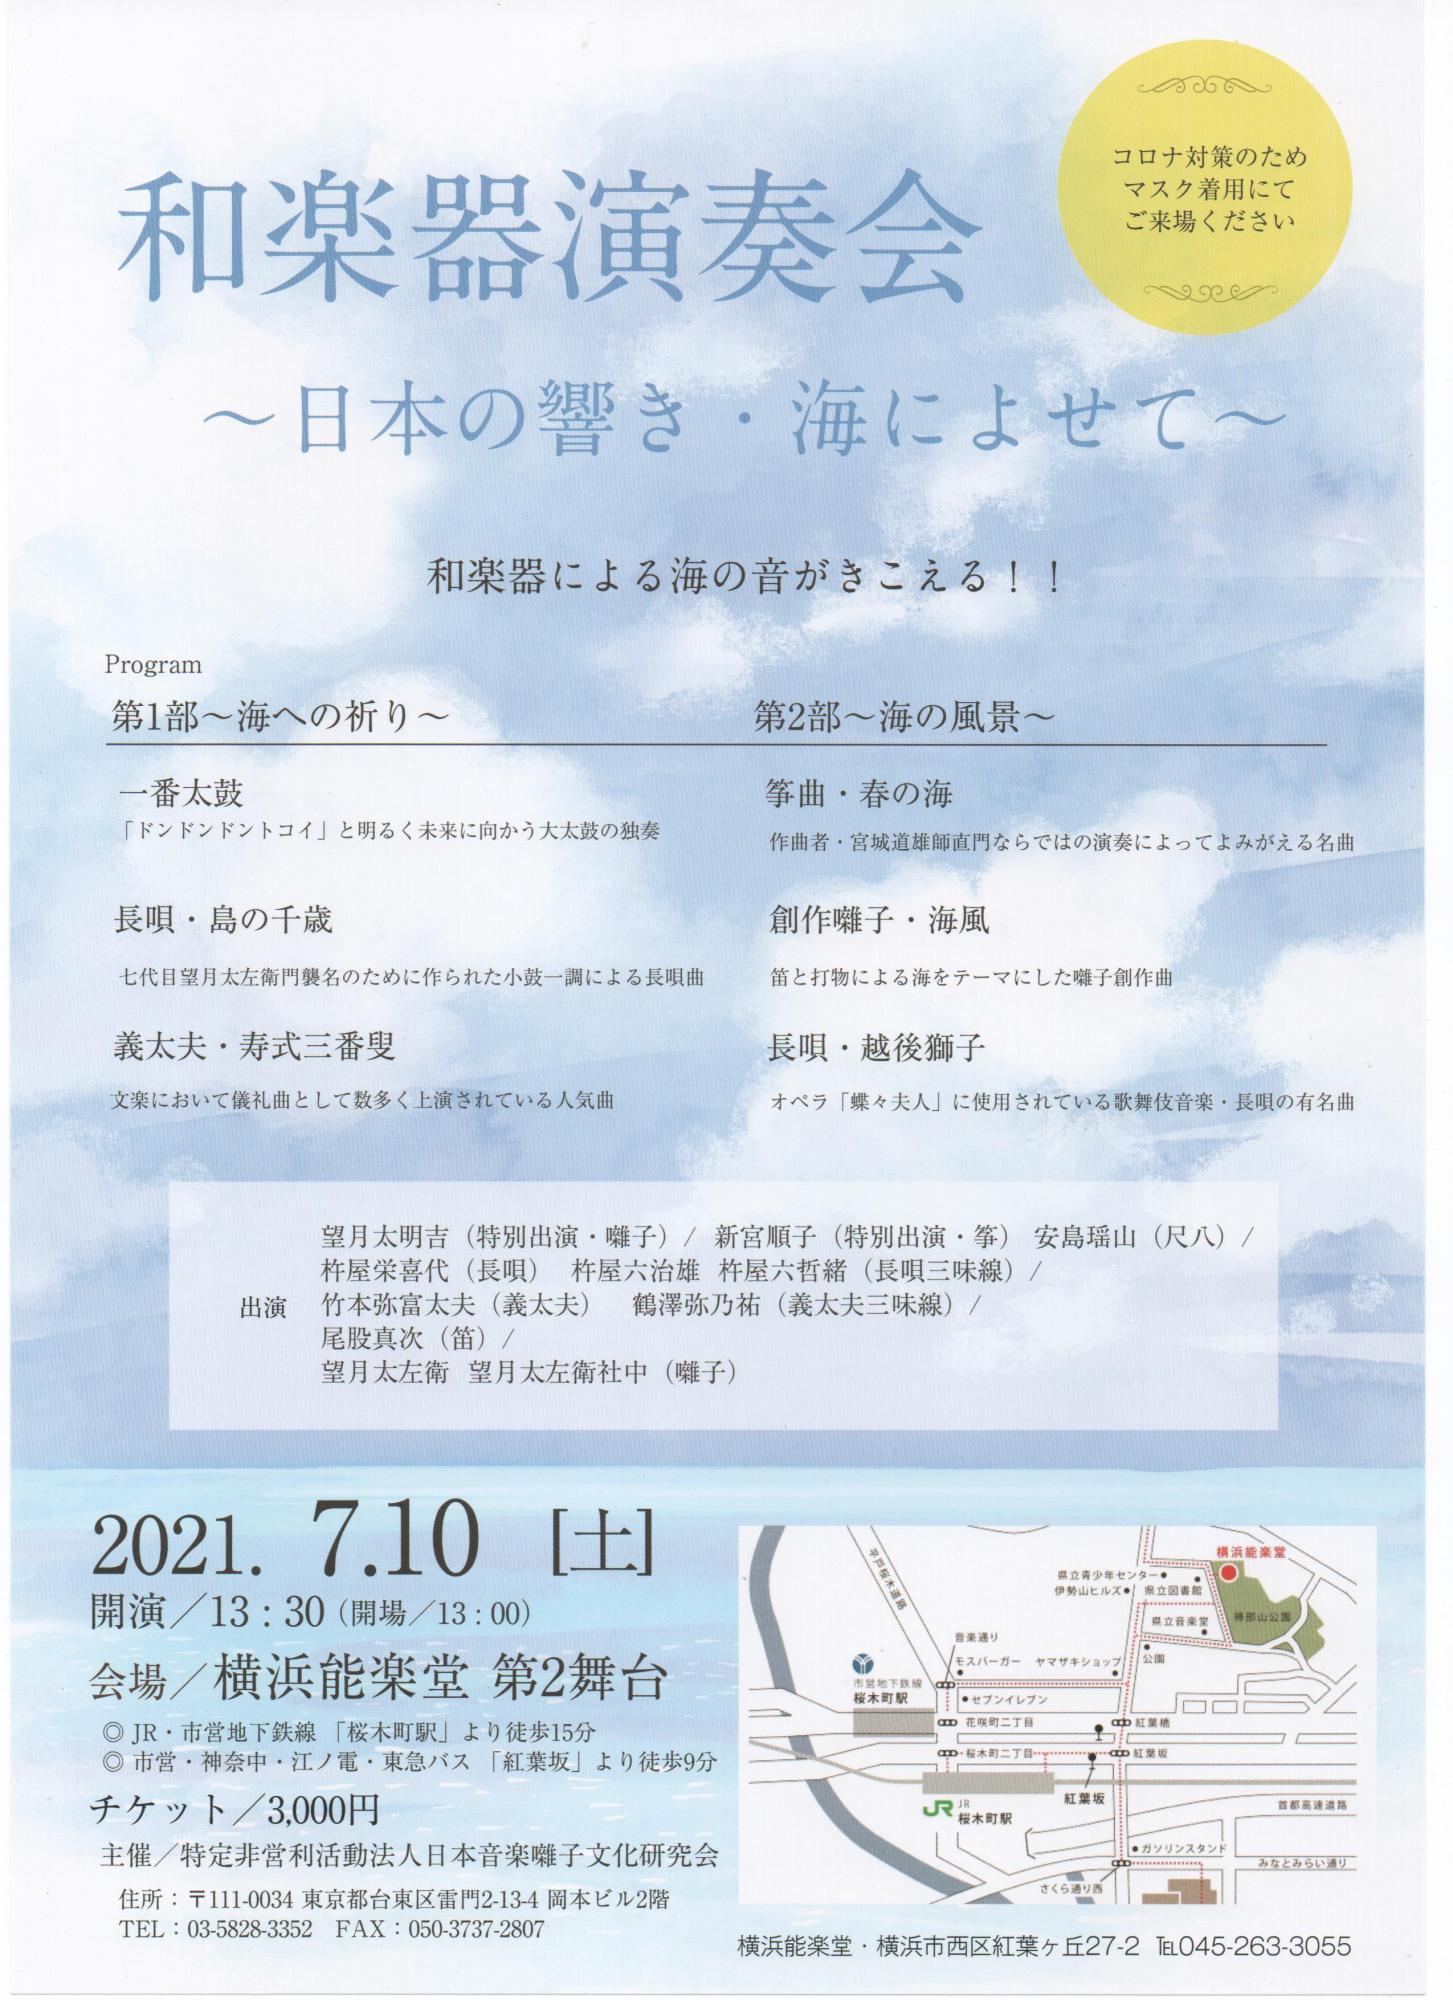 和楽器演奏会~日本の響き・海によせて~